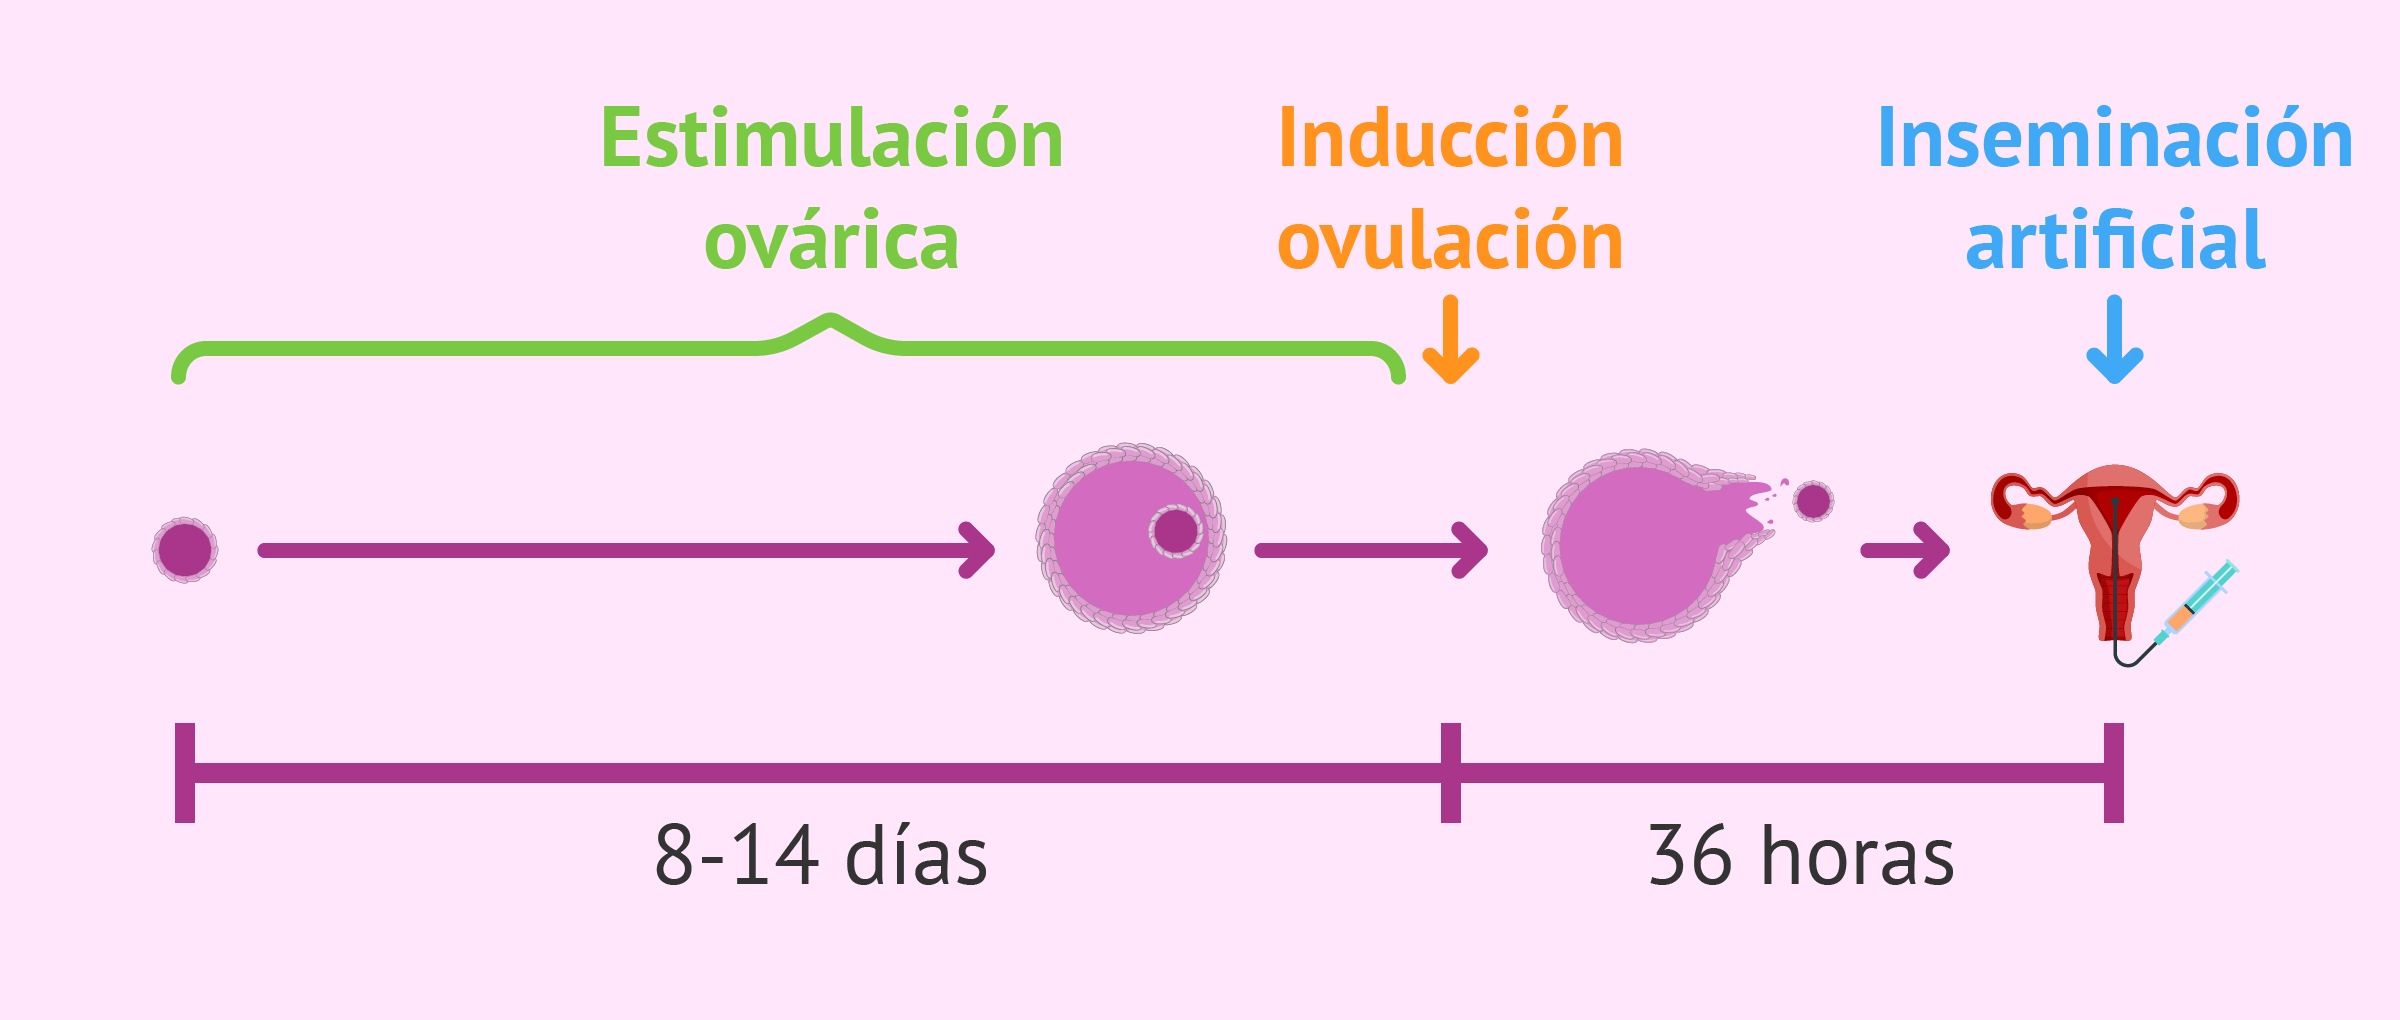 Estimulación ovárica para IA